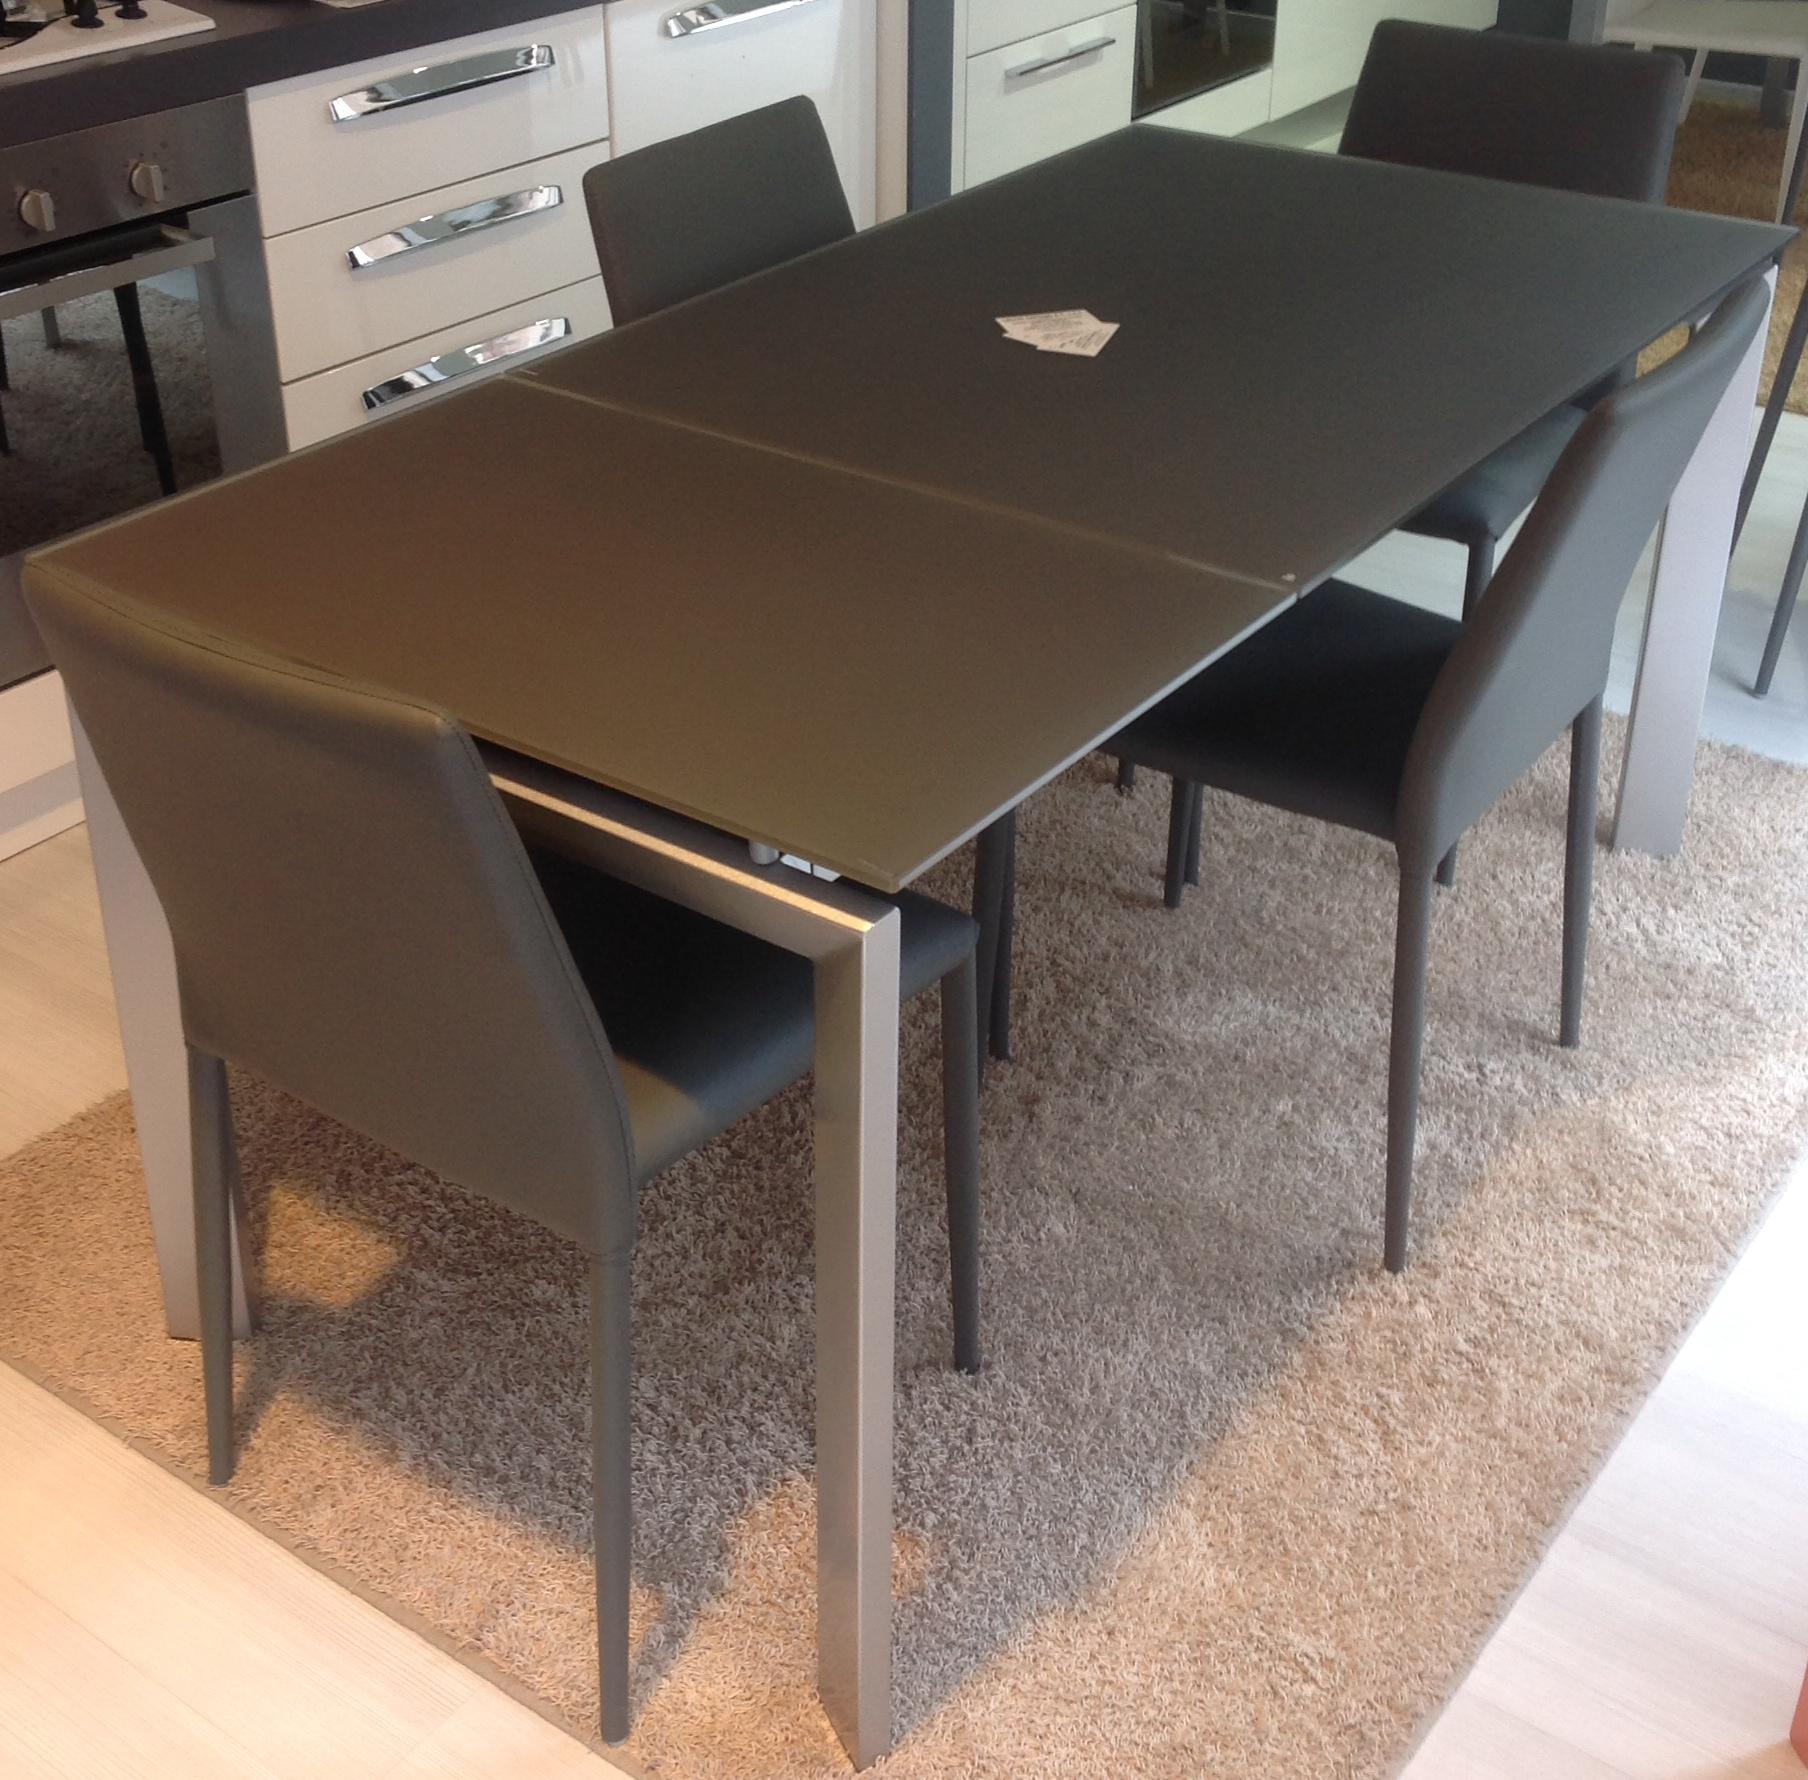 Tavolo rettangolare allungabile modello centauro tavoli - Tavoli regolabili in altezza prezzi ...